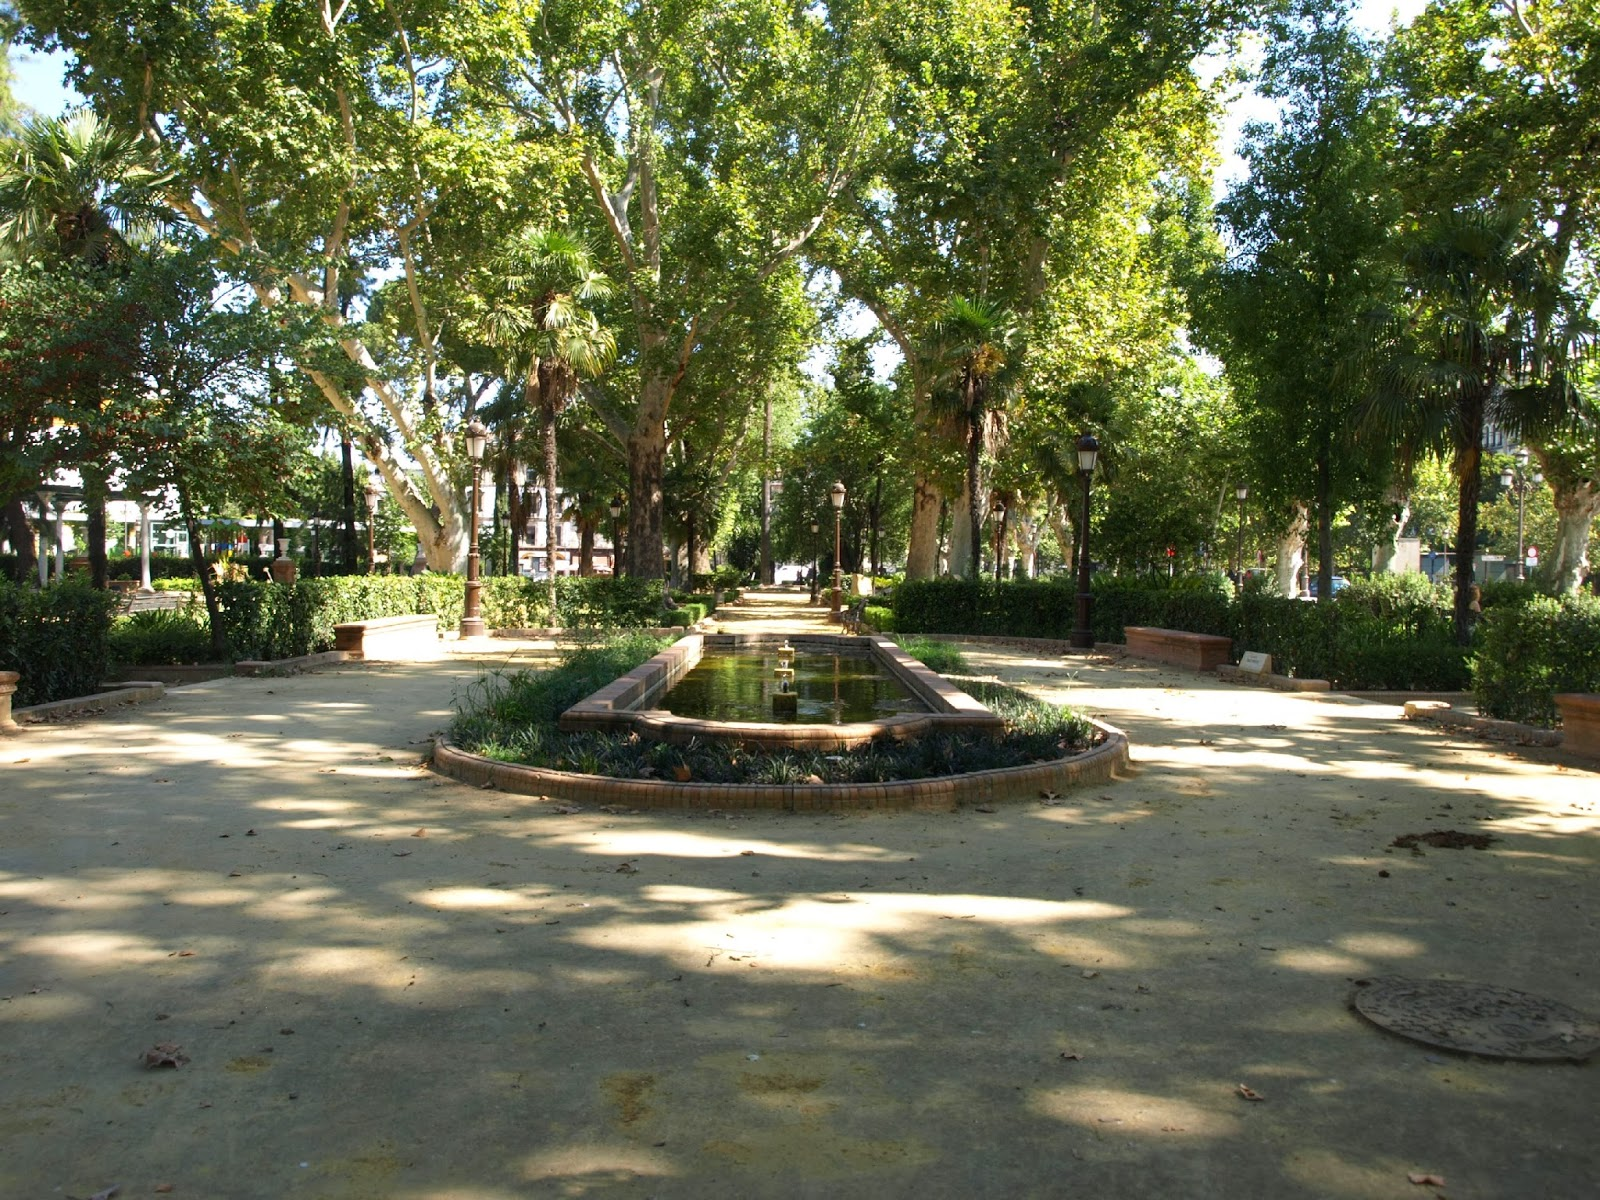 Sevilla daily photo los jardines de la reina cristina 8 for Letras gijon jardines de la reina